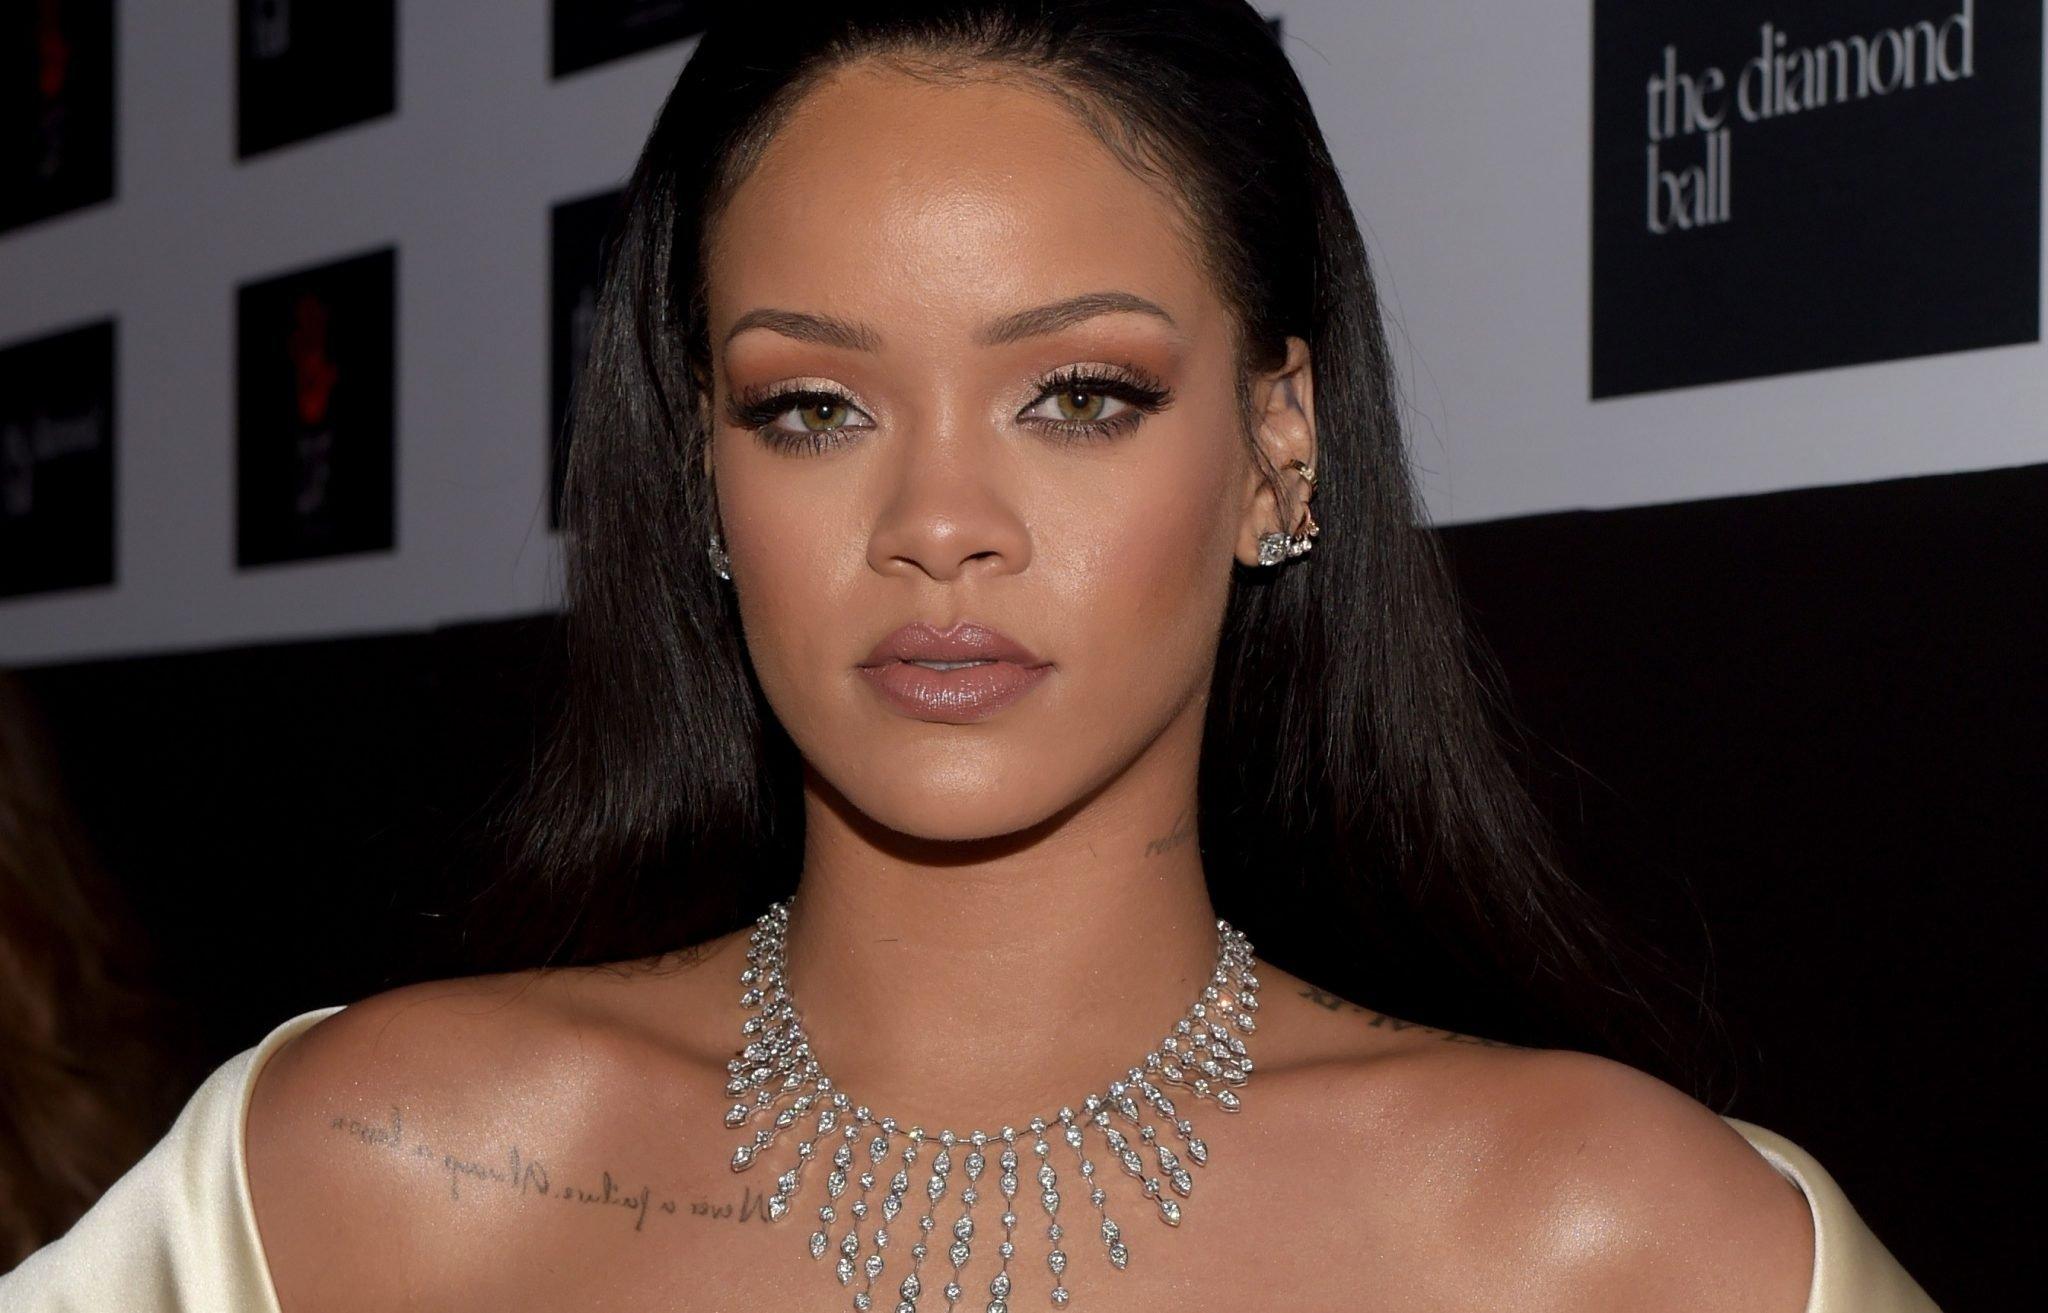 rihanna 1.jpg?resize=1200,630 - Rihanna quer ser mais saudável e confessa ter encontrado o equilíbrio em sua vida